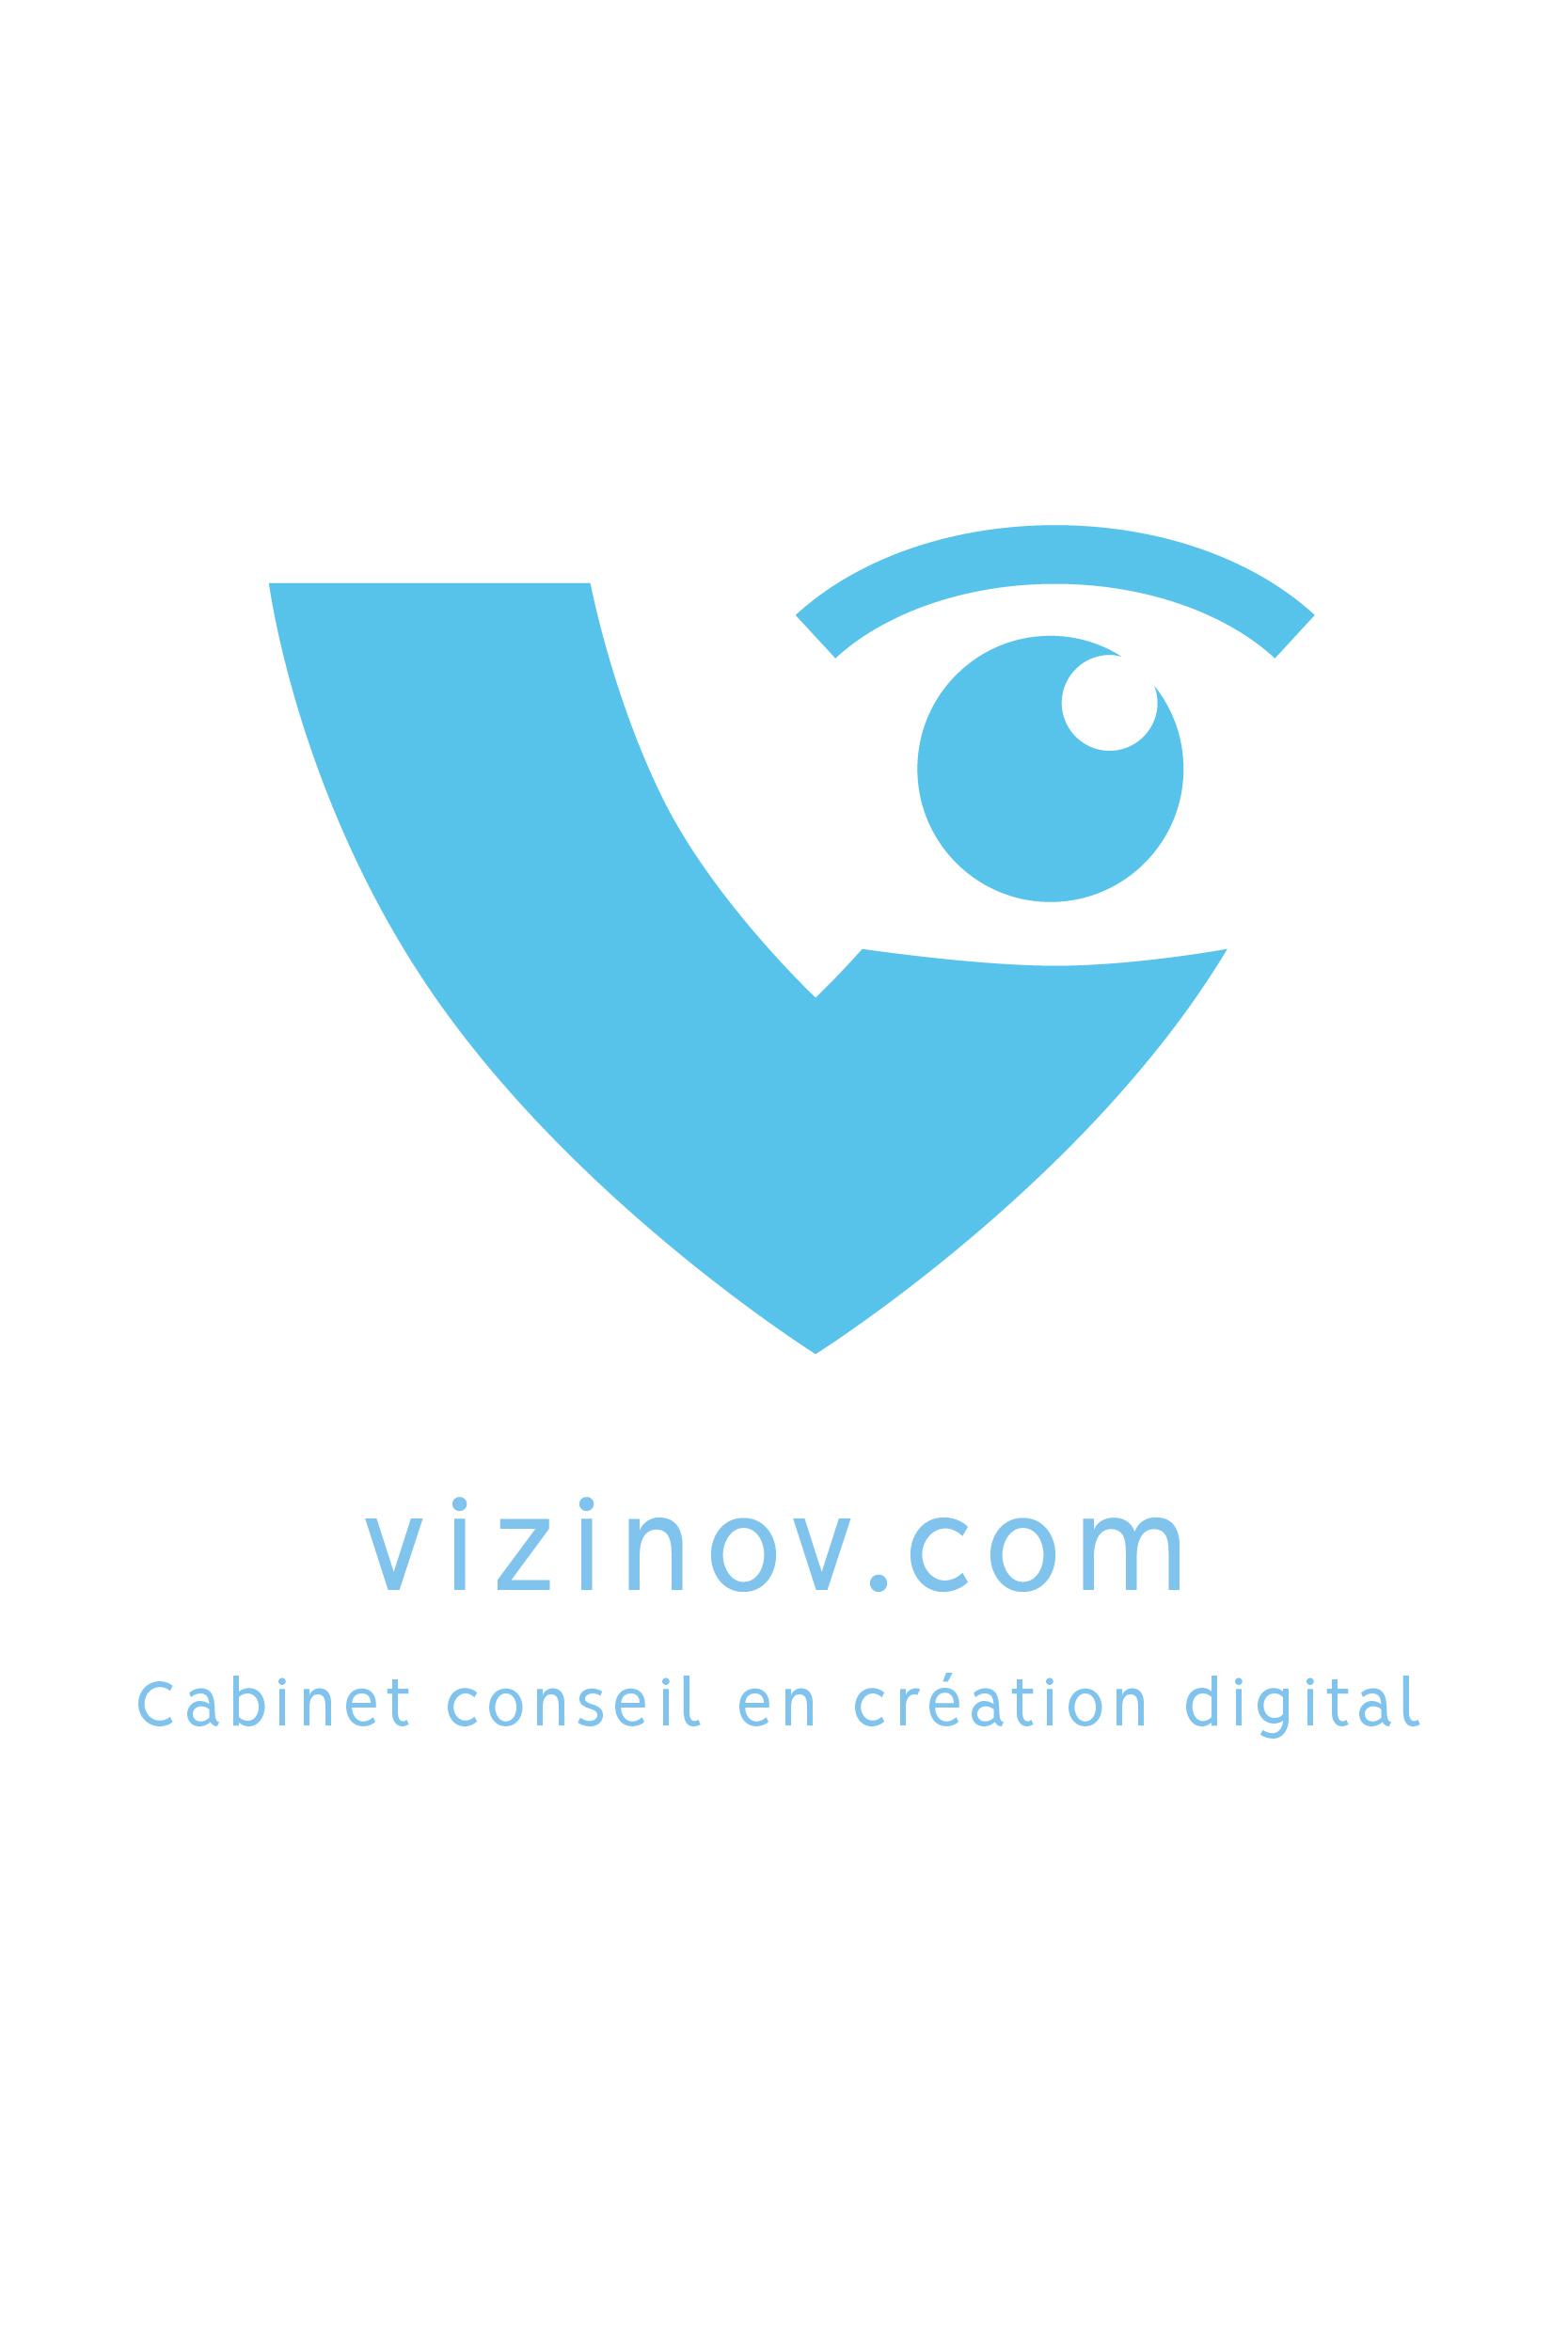 1629820357_771b44c2d1e4-Logo_Connexion.jpg